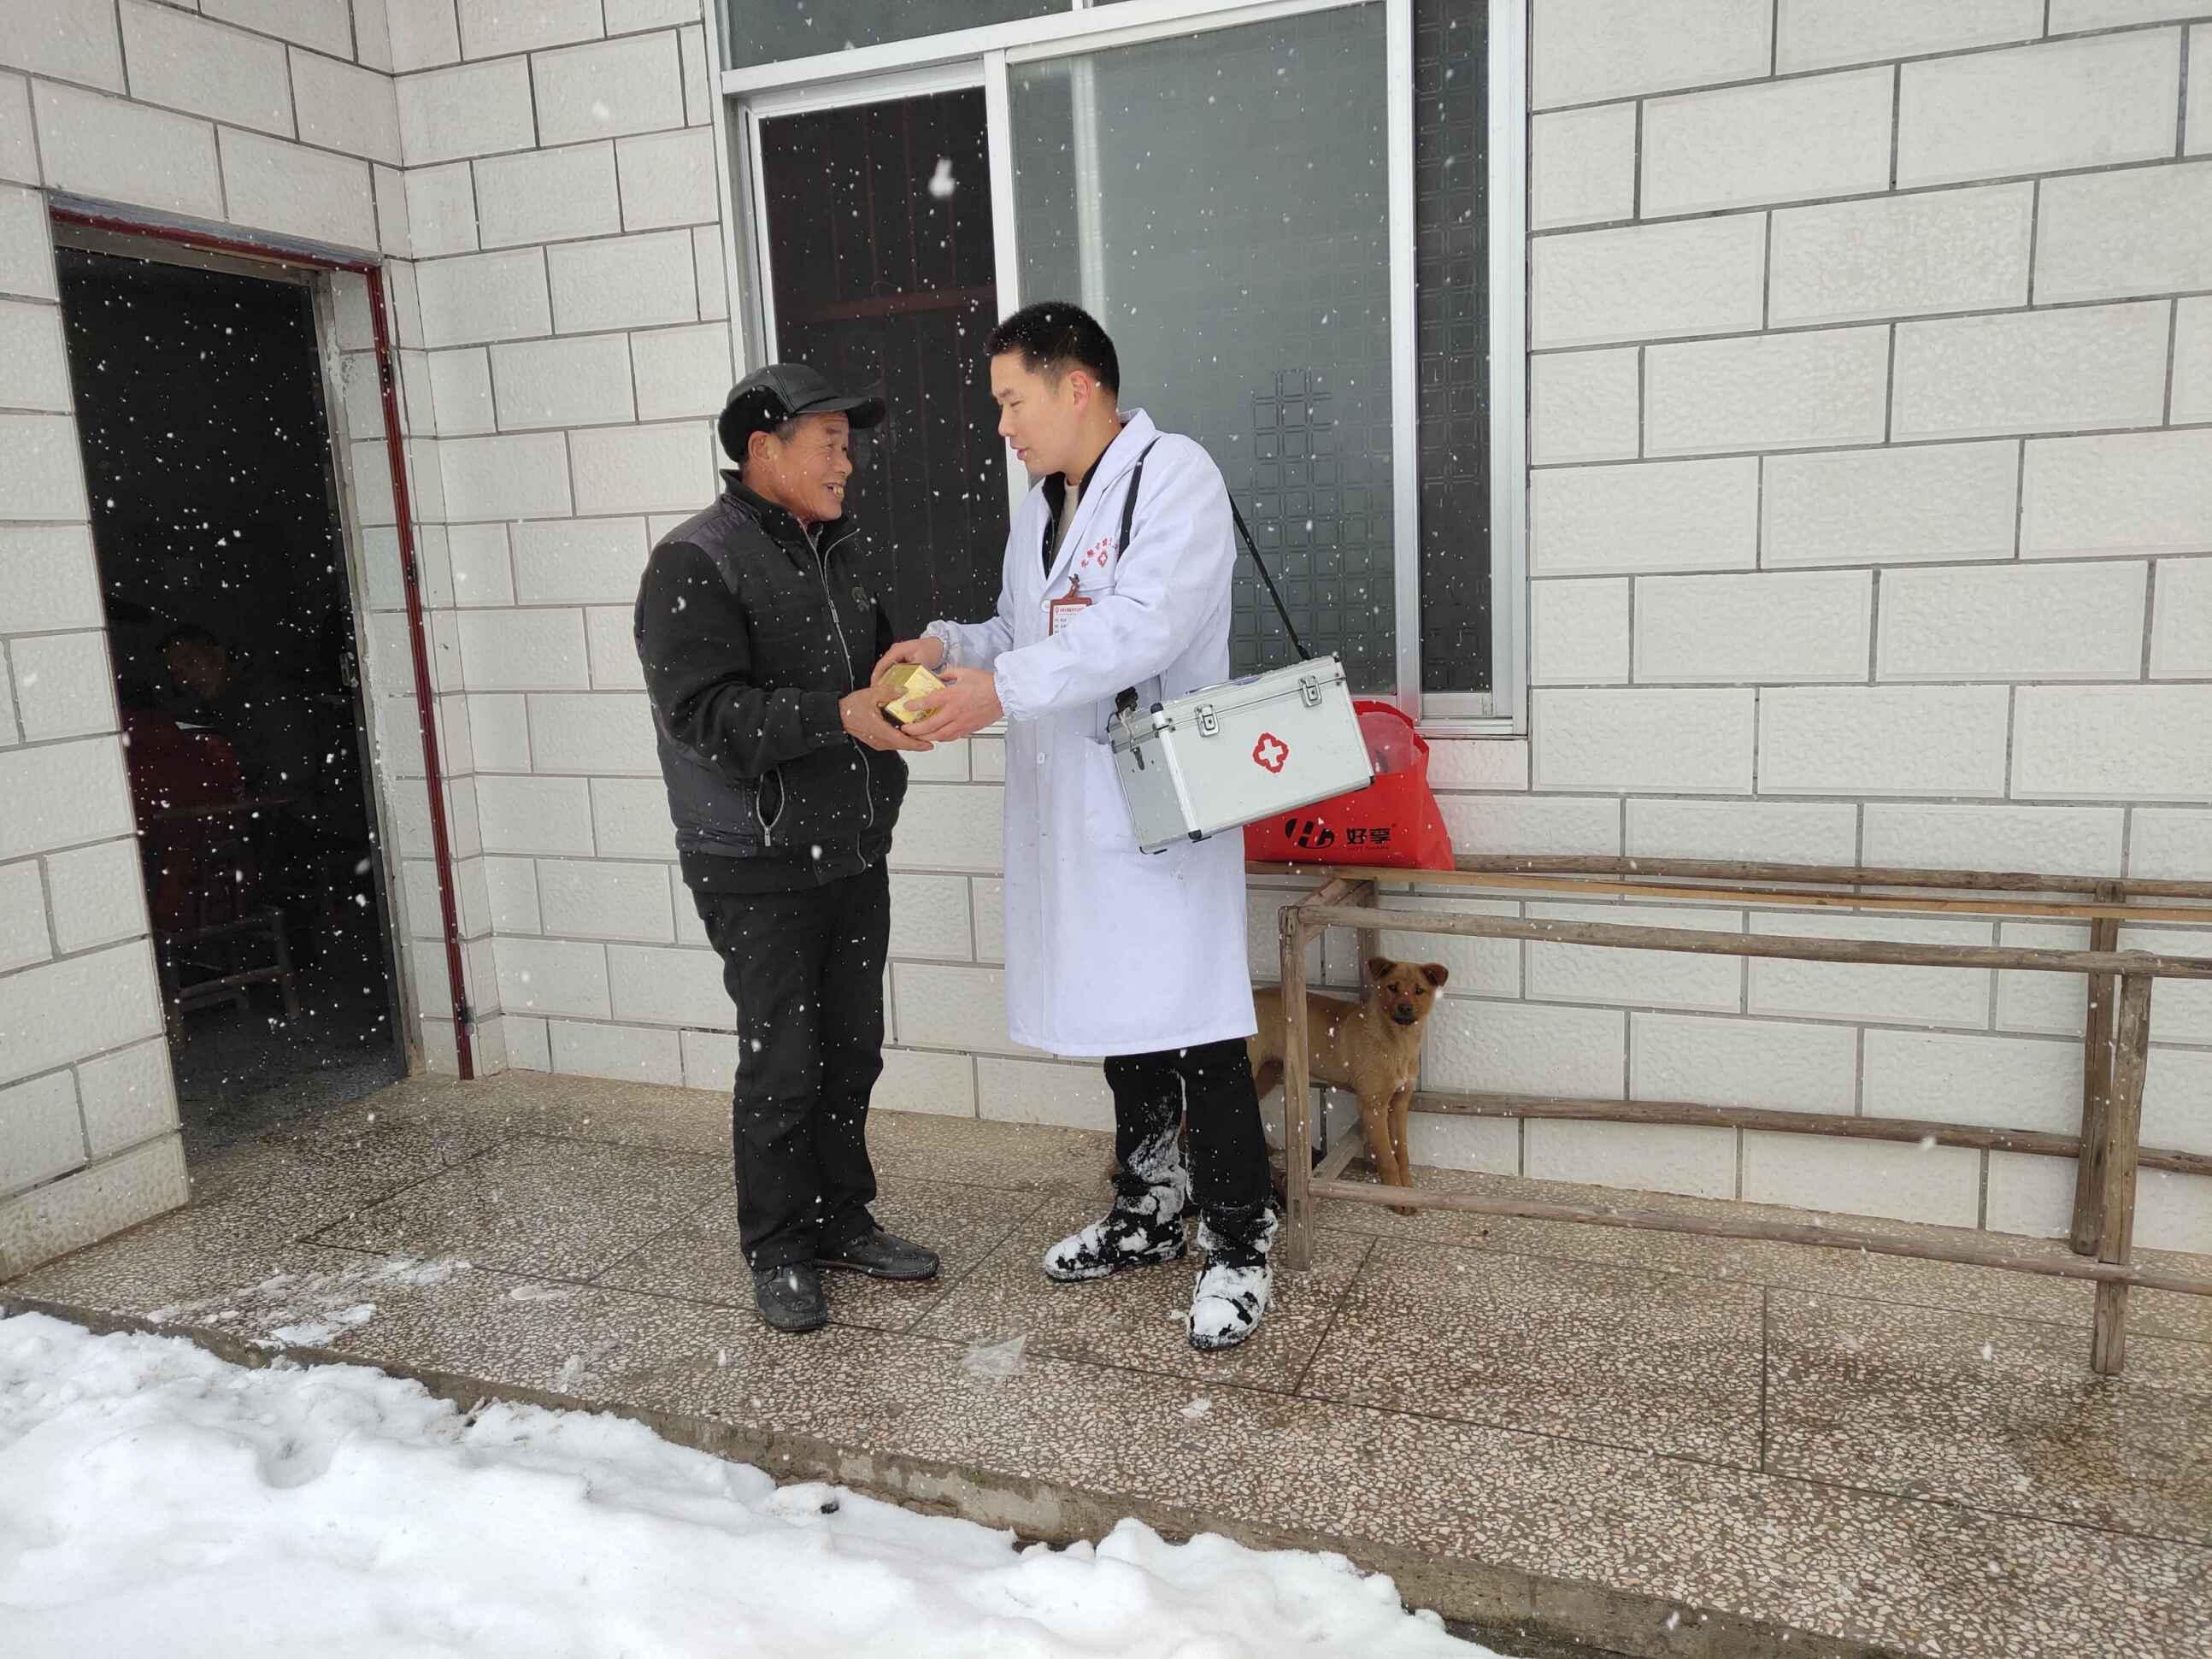 迎战冰雪 | 老人感冒几天,医生雪中送药